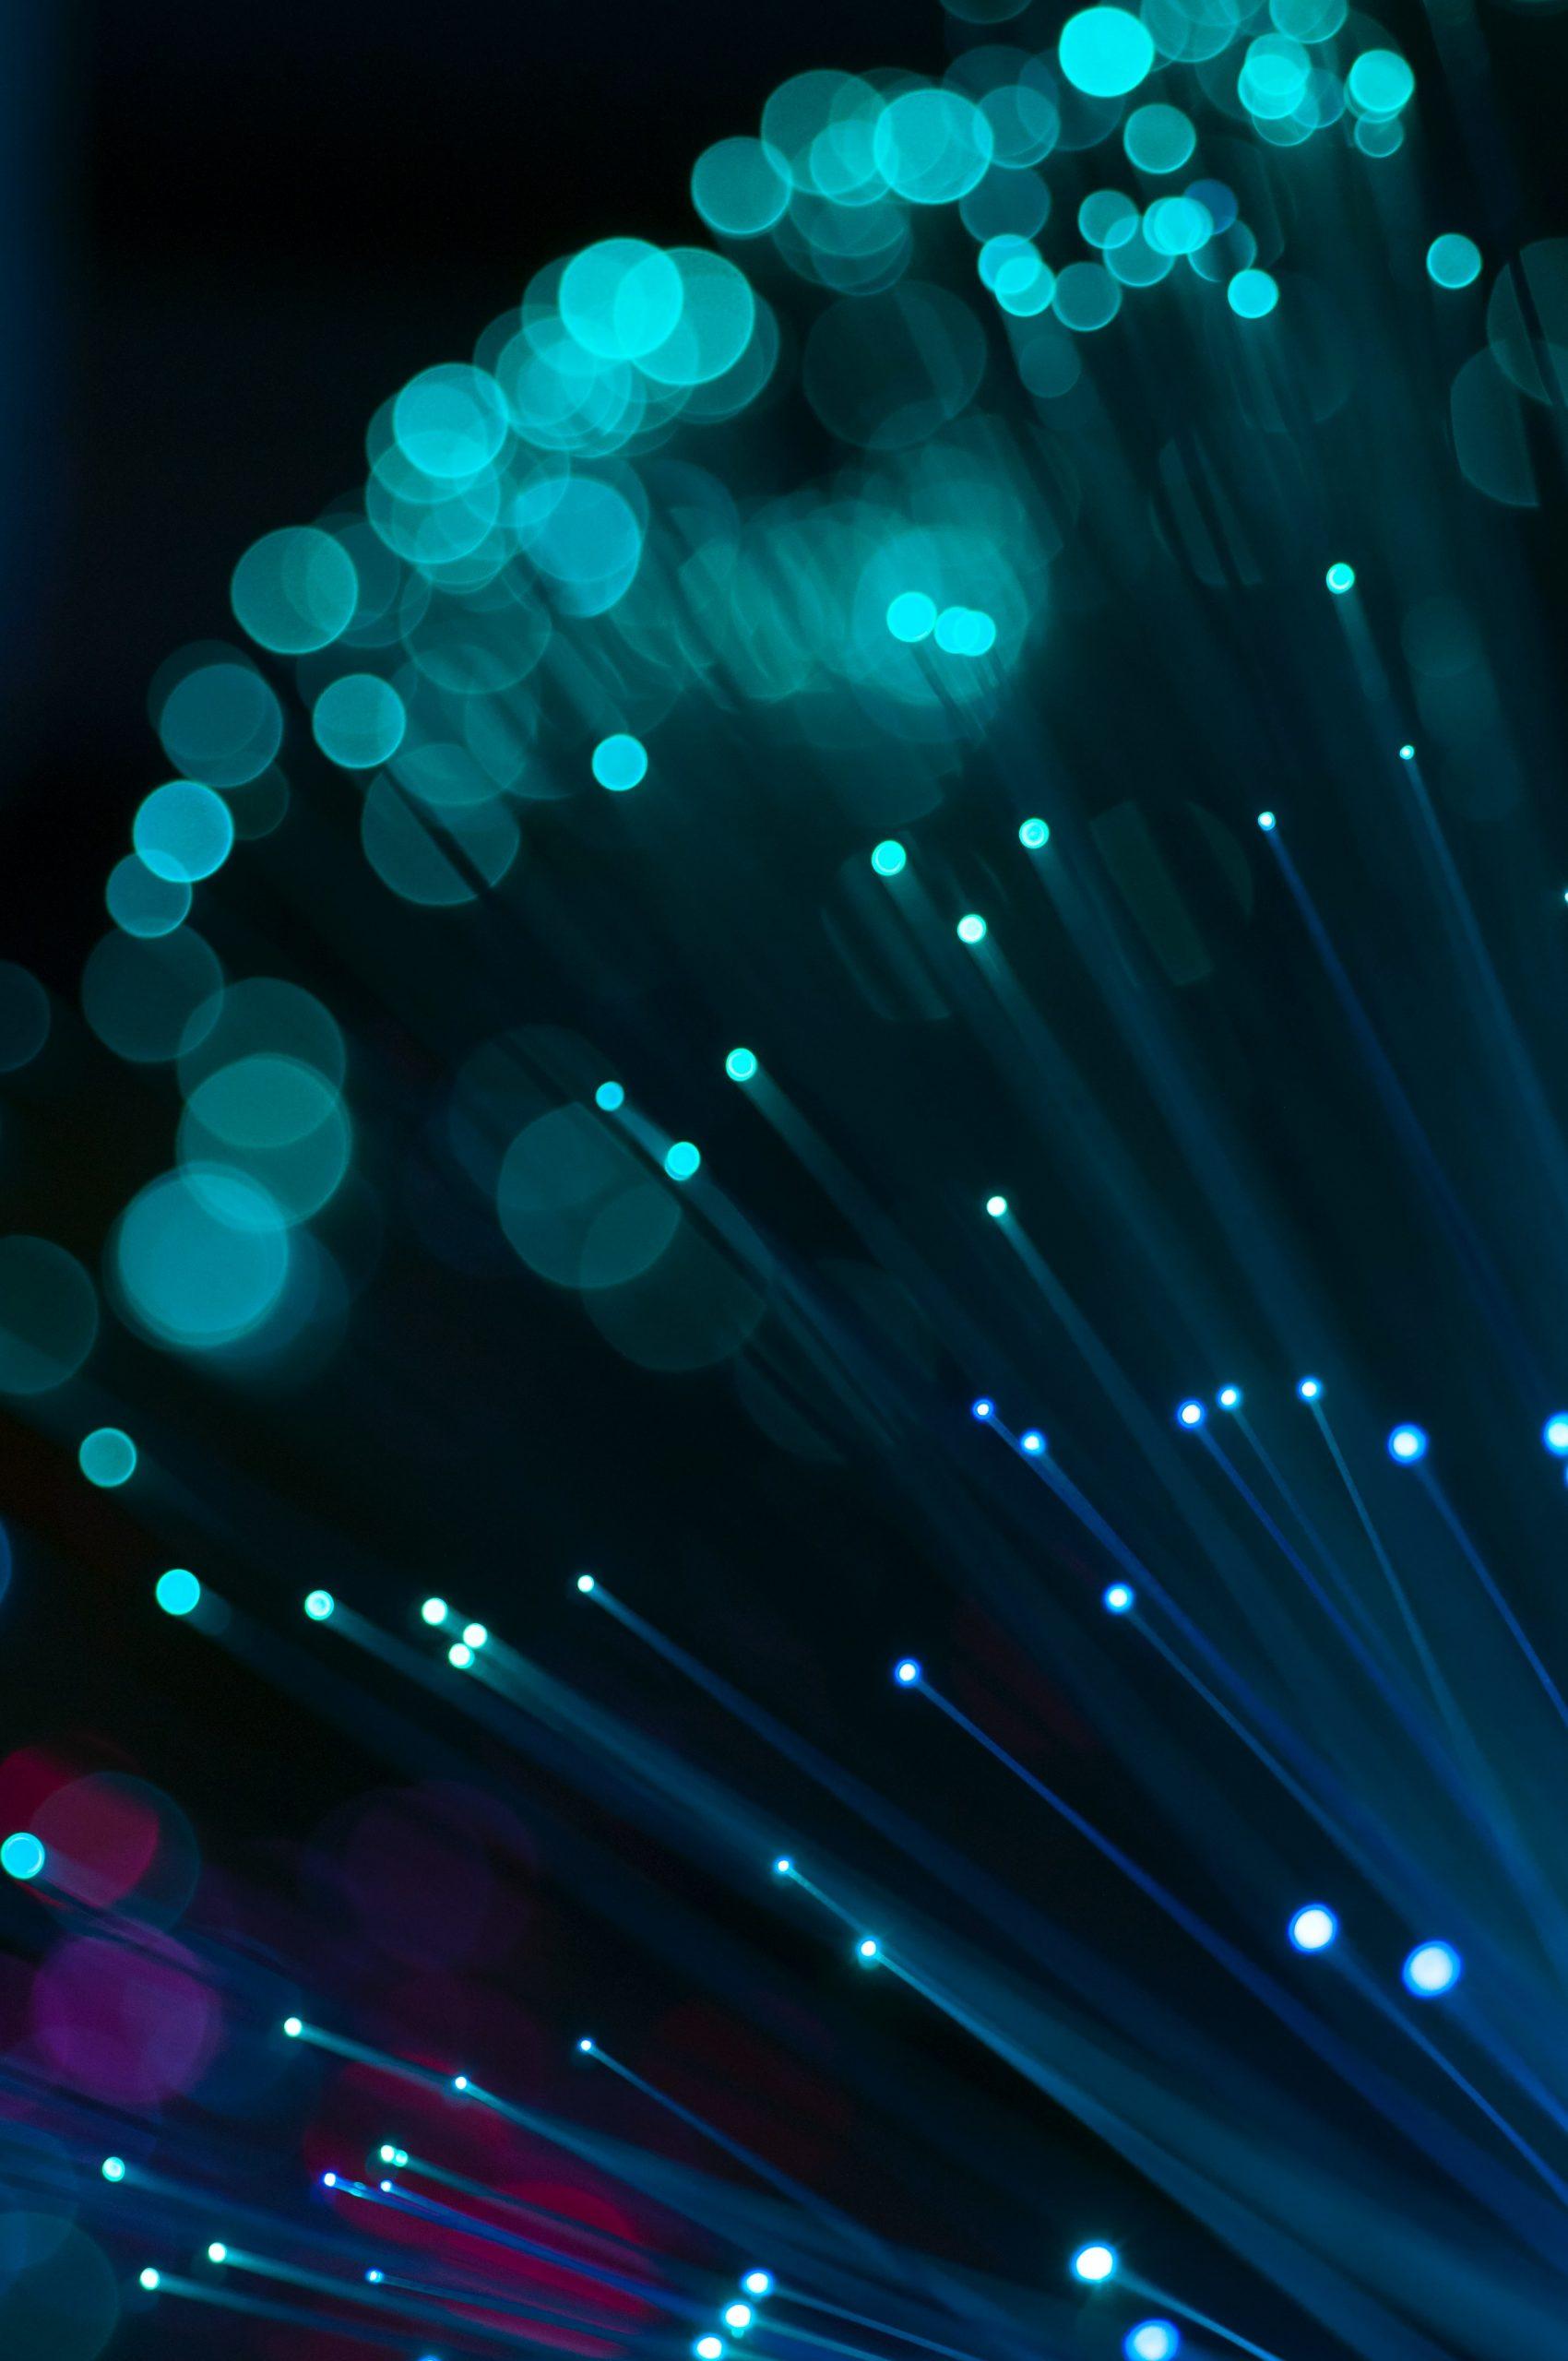 błyski światłowodów